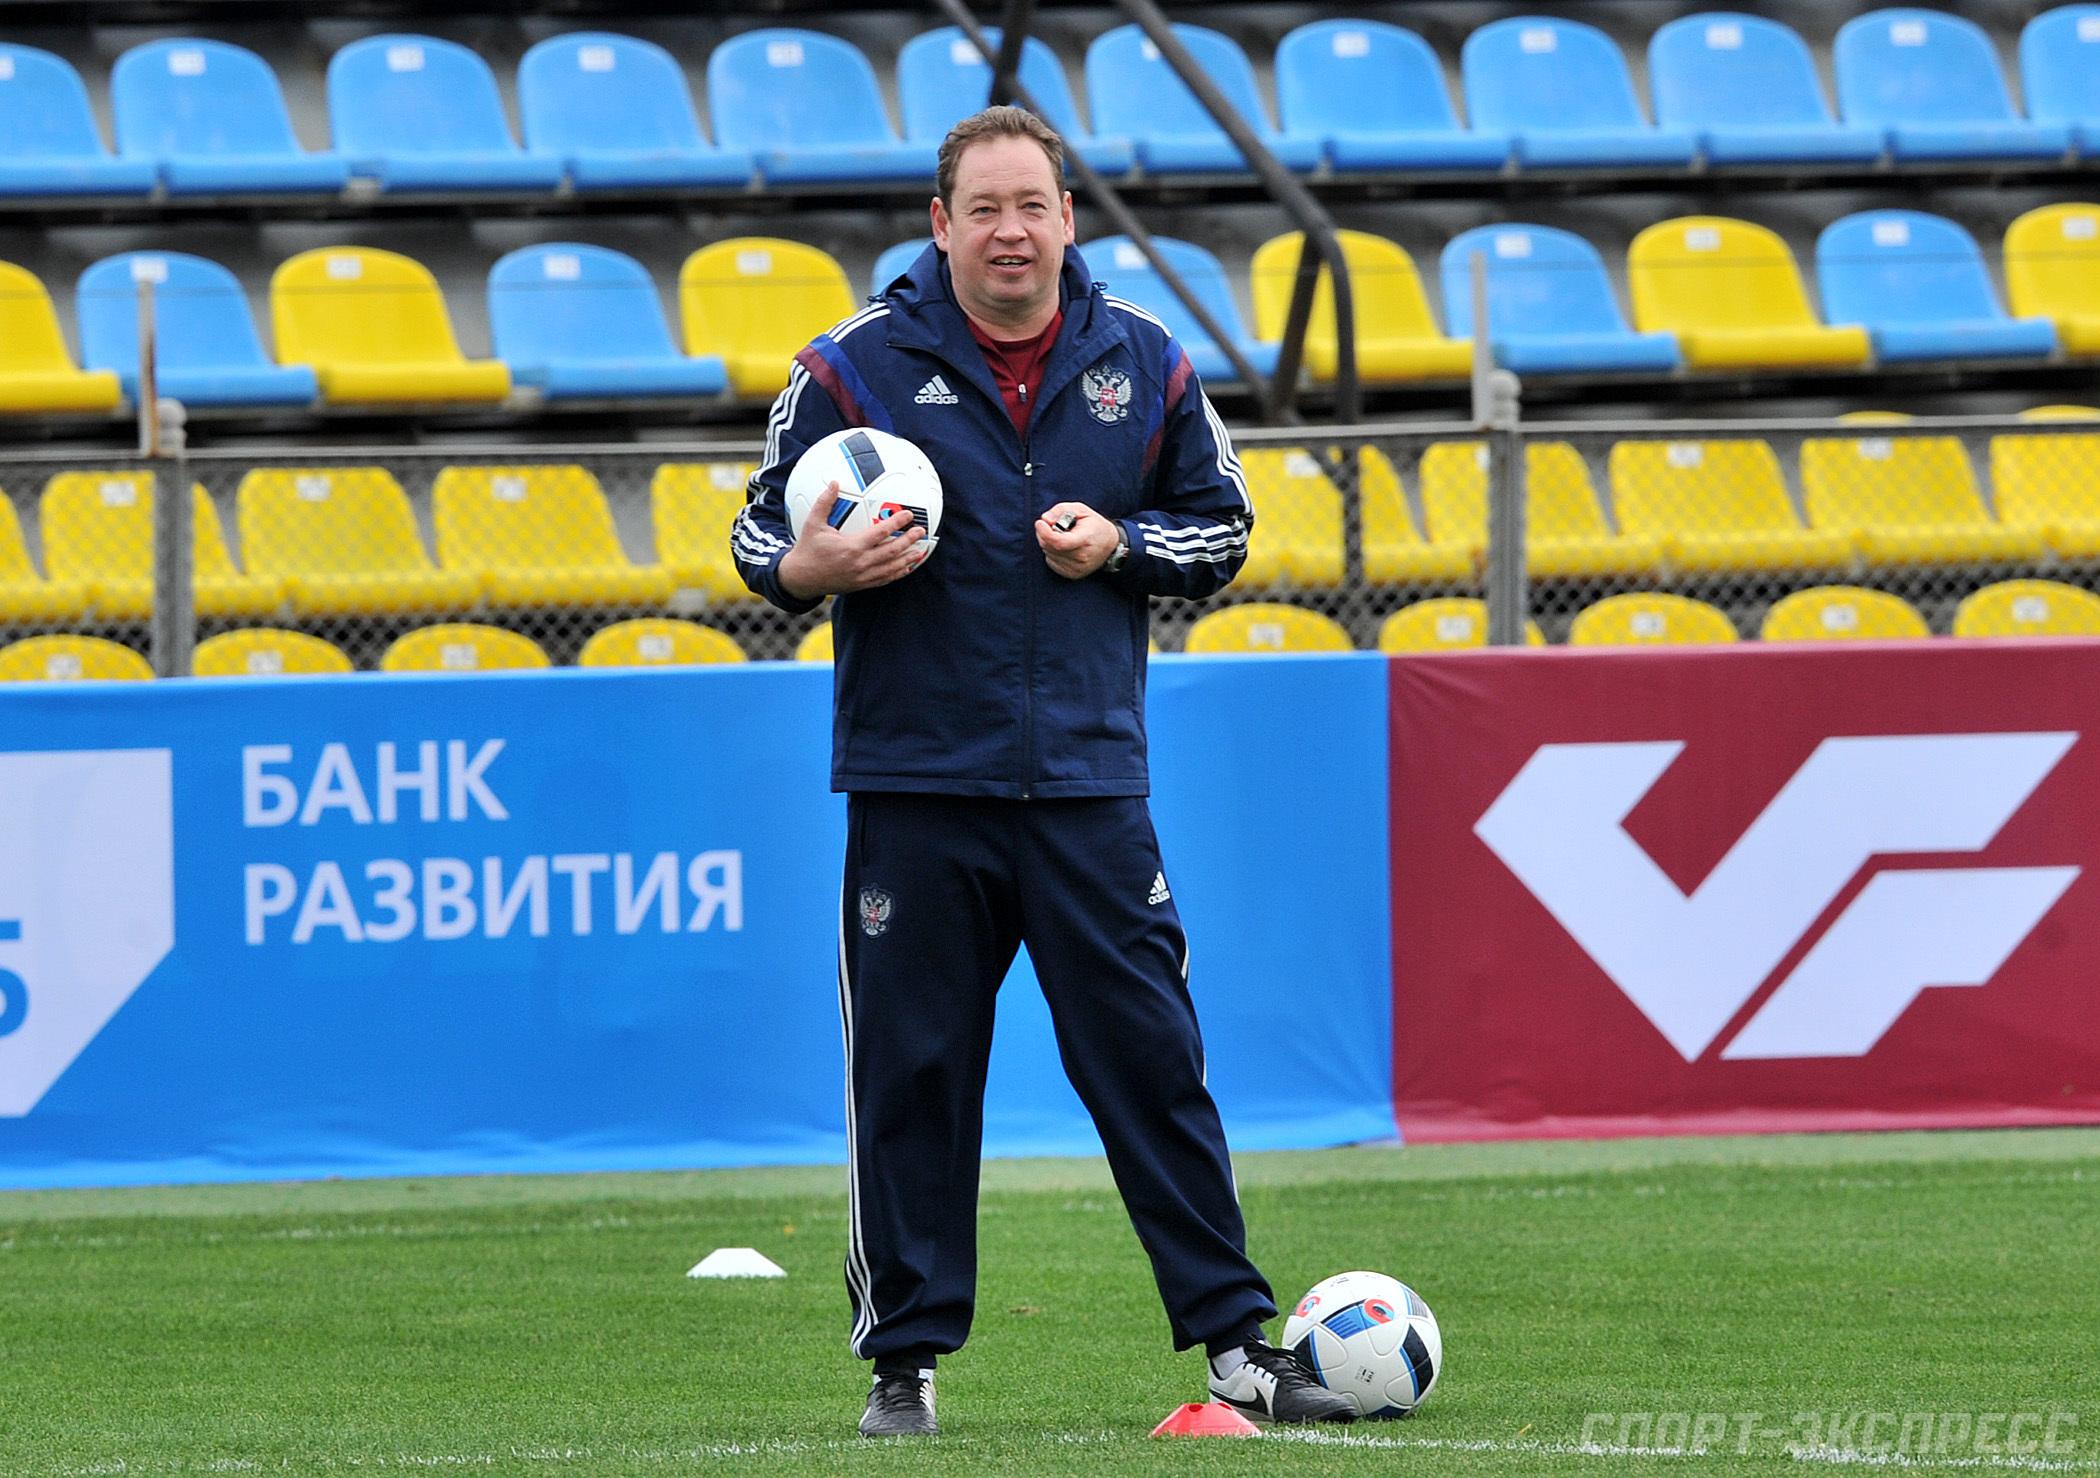 Слуцкий: ЦСКА провел очень качественный поединок